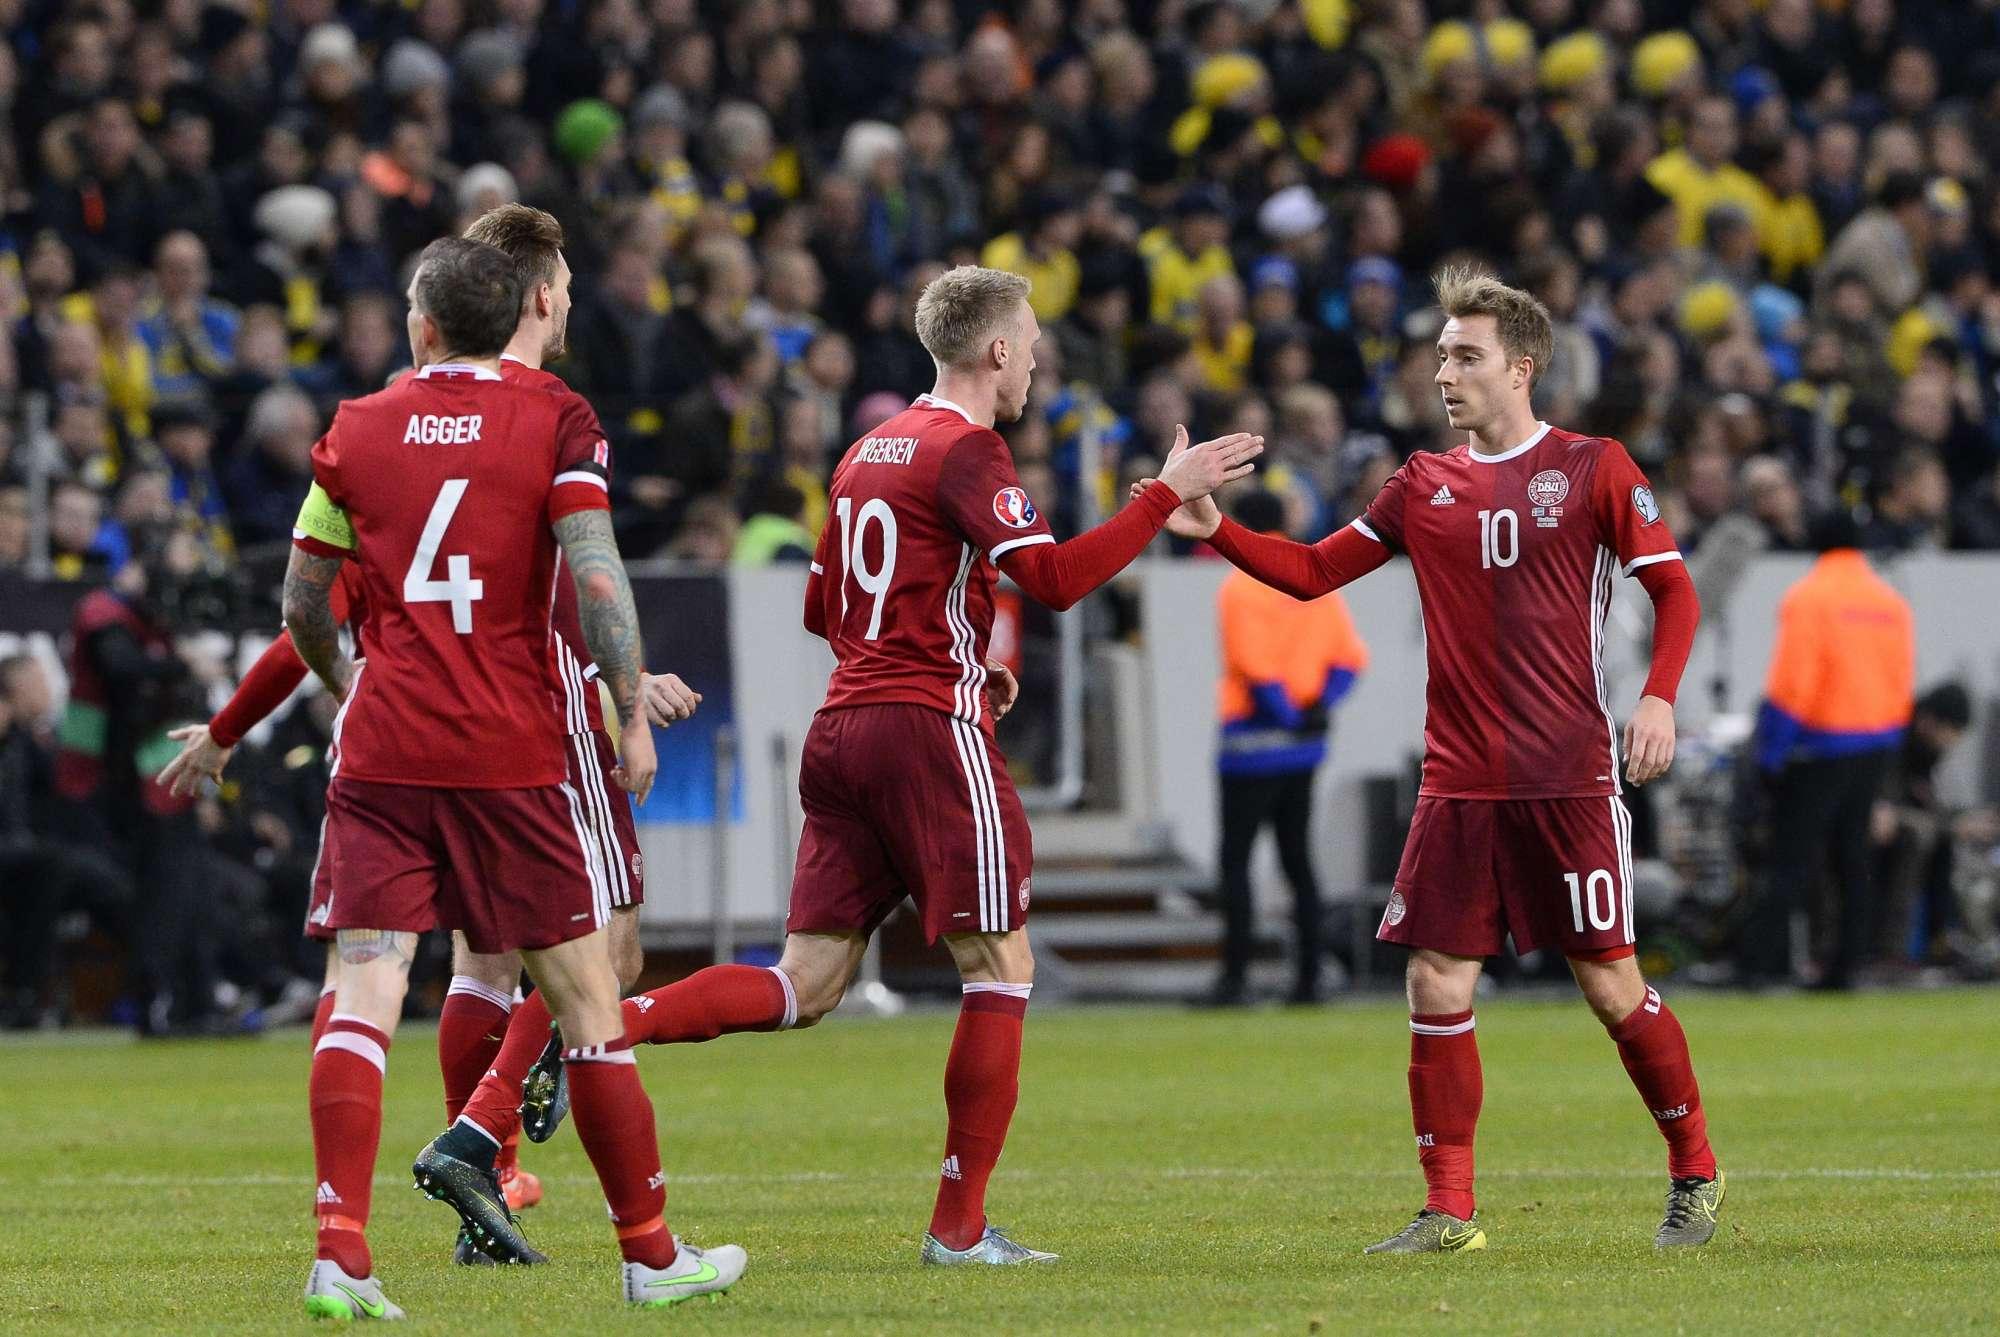 Nicolaj Jorgensen esulta per il gol del 2-1 contro la Svezia